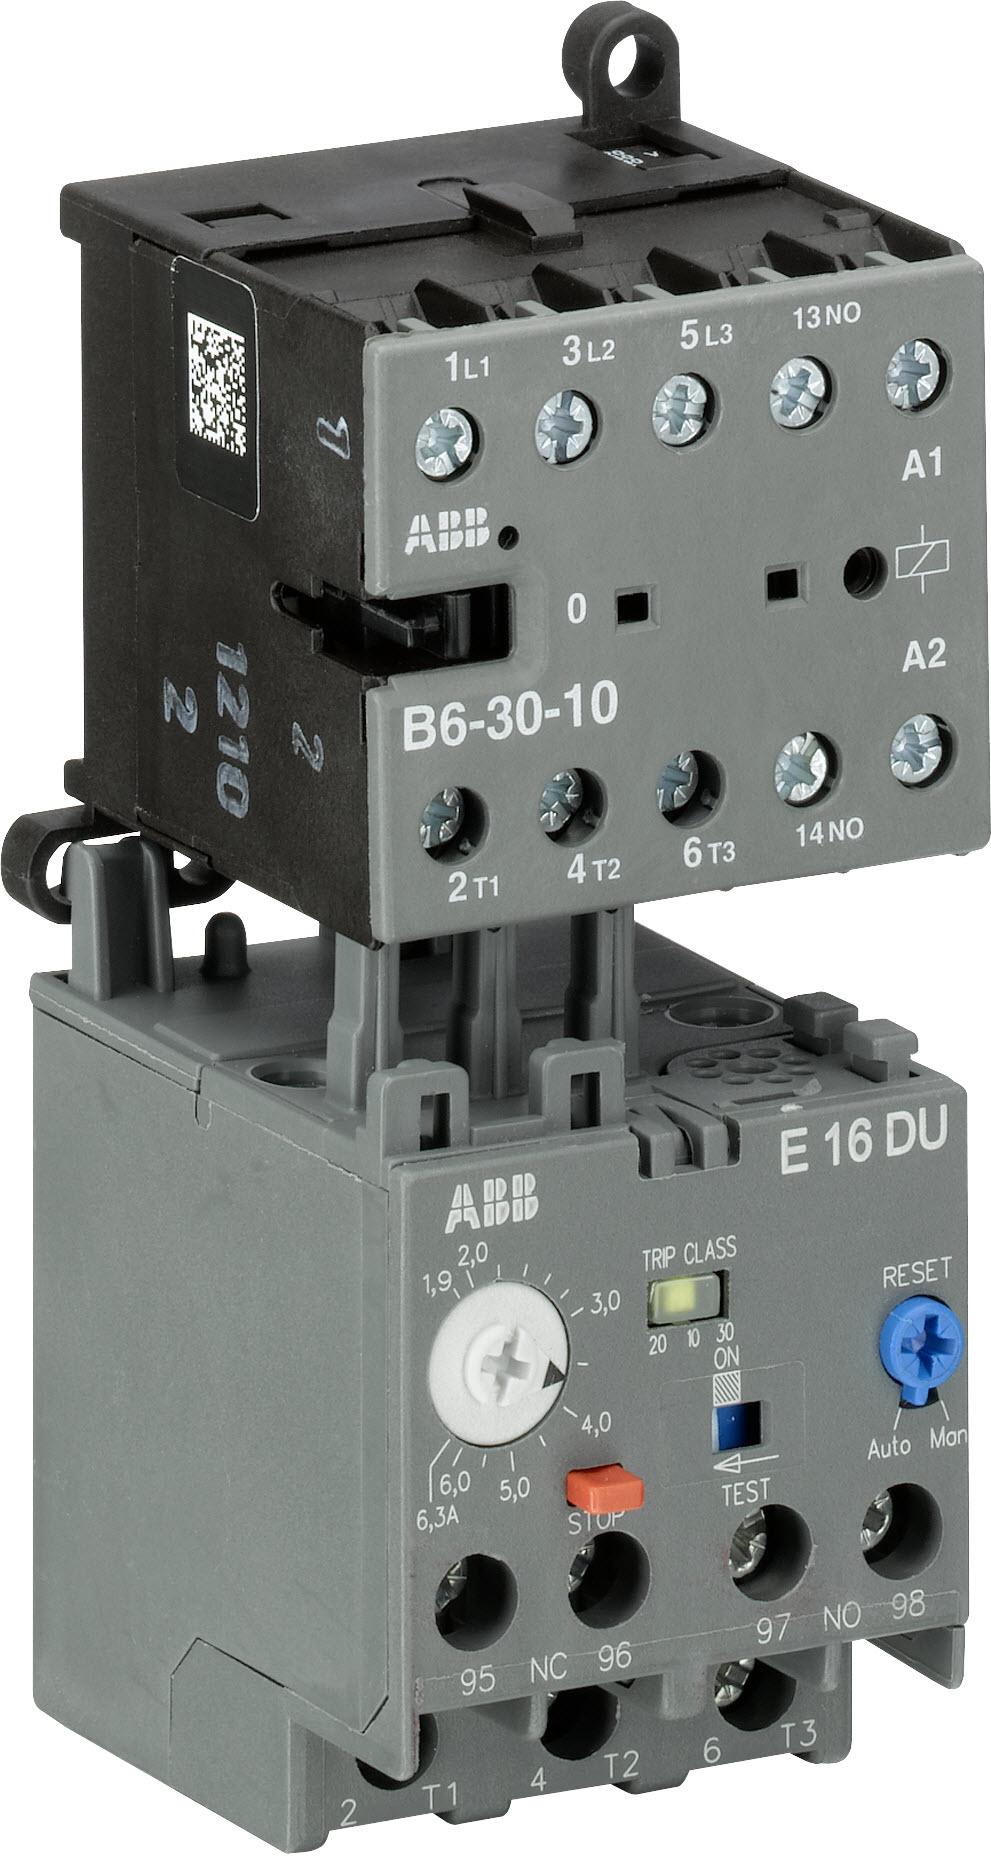 Ministycznik_B6_i_elektroniczny_przekaznik_termiczny_E16DU-63